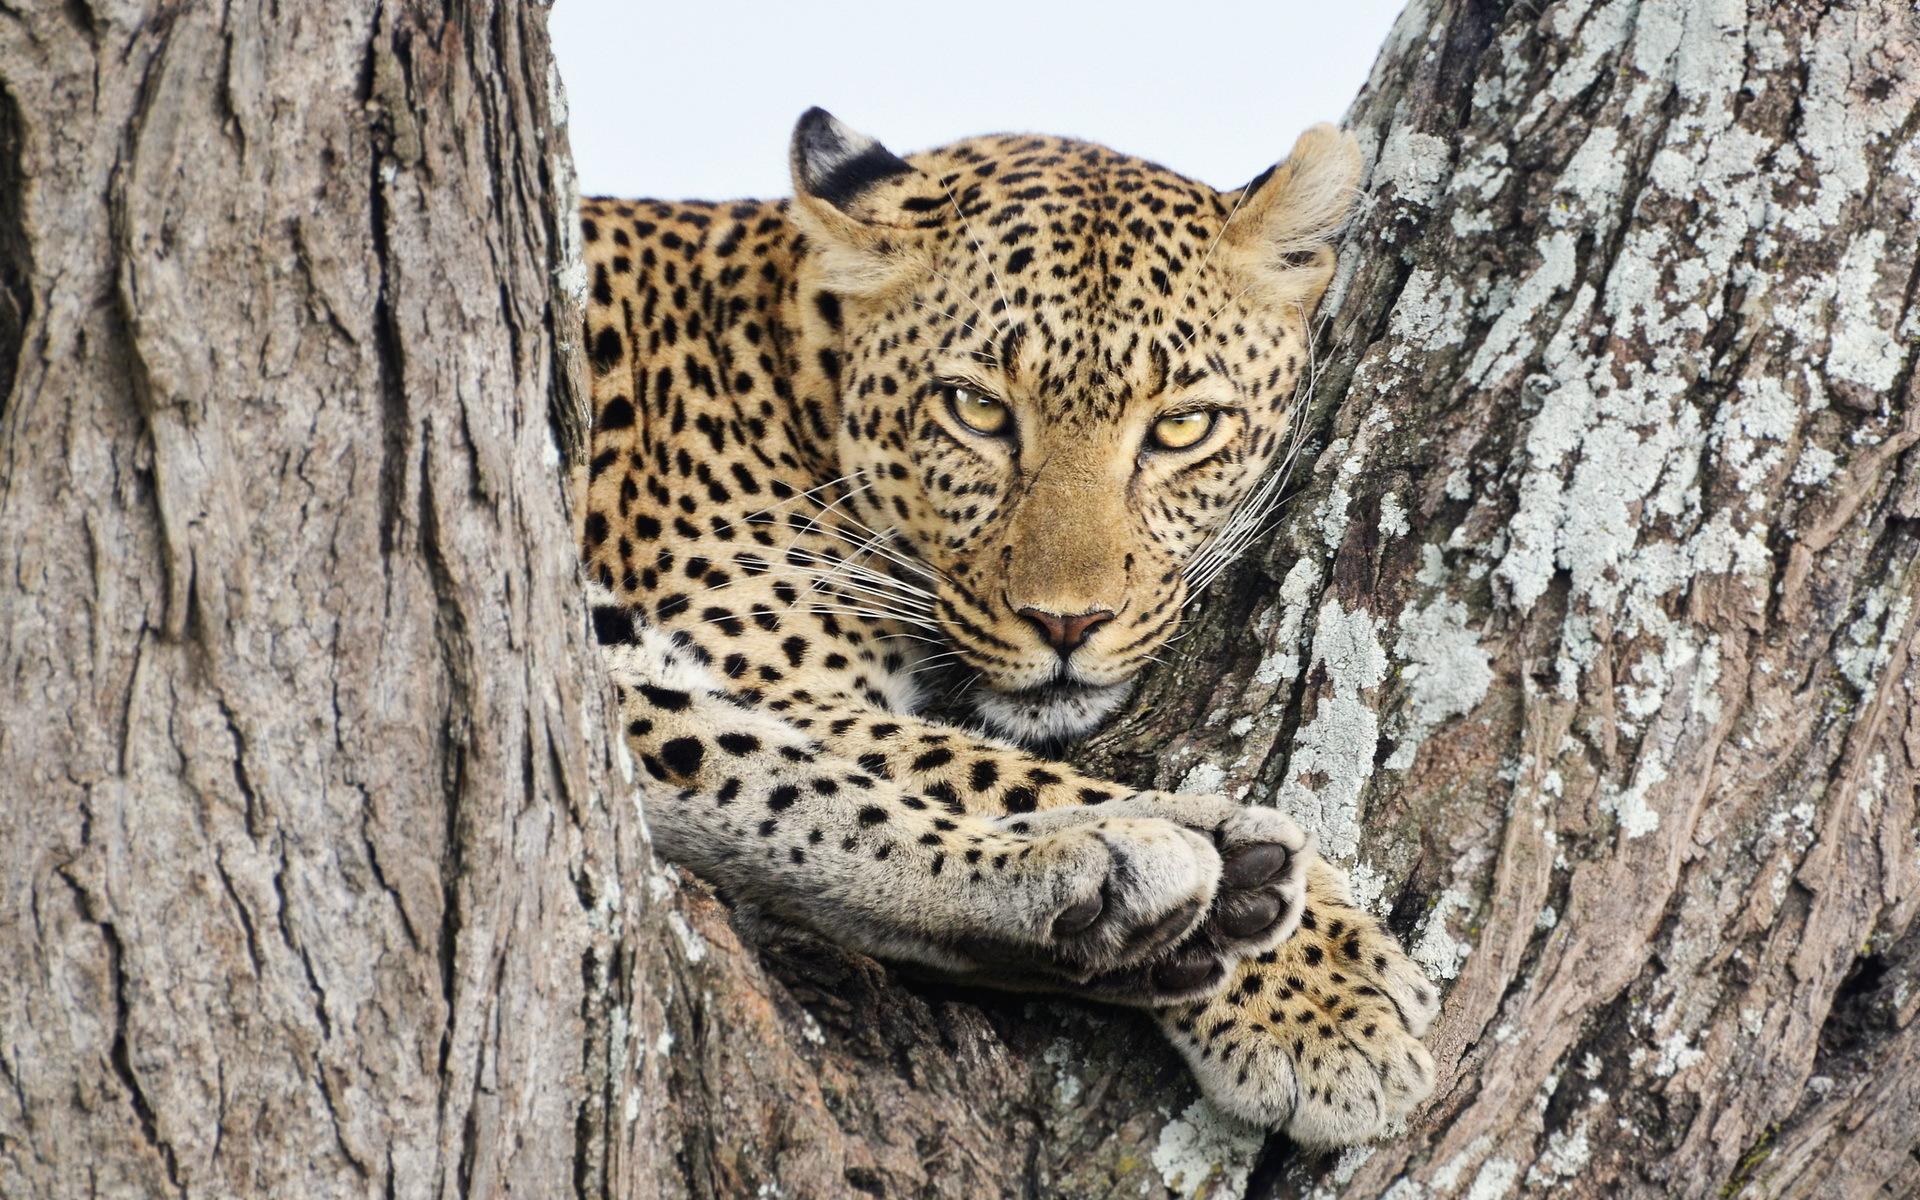 картинки диких кошек леопард всего, давайте попытаемся